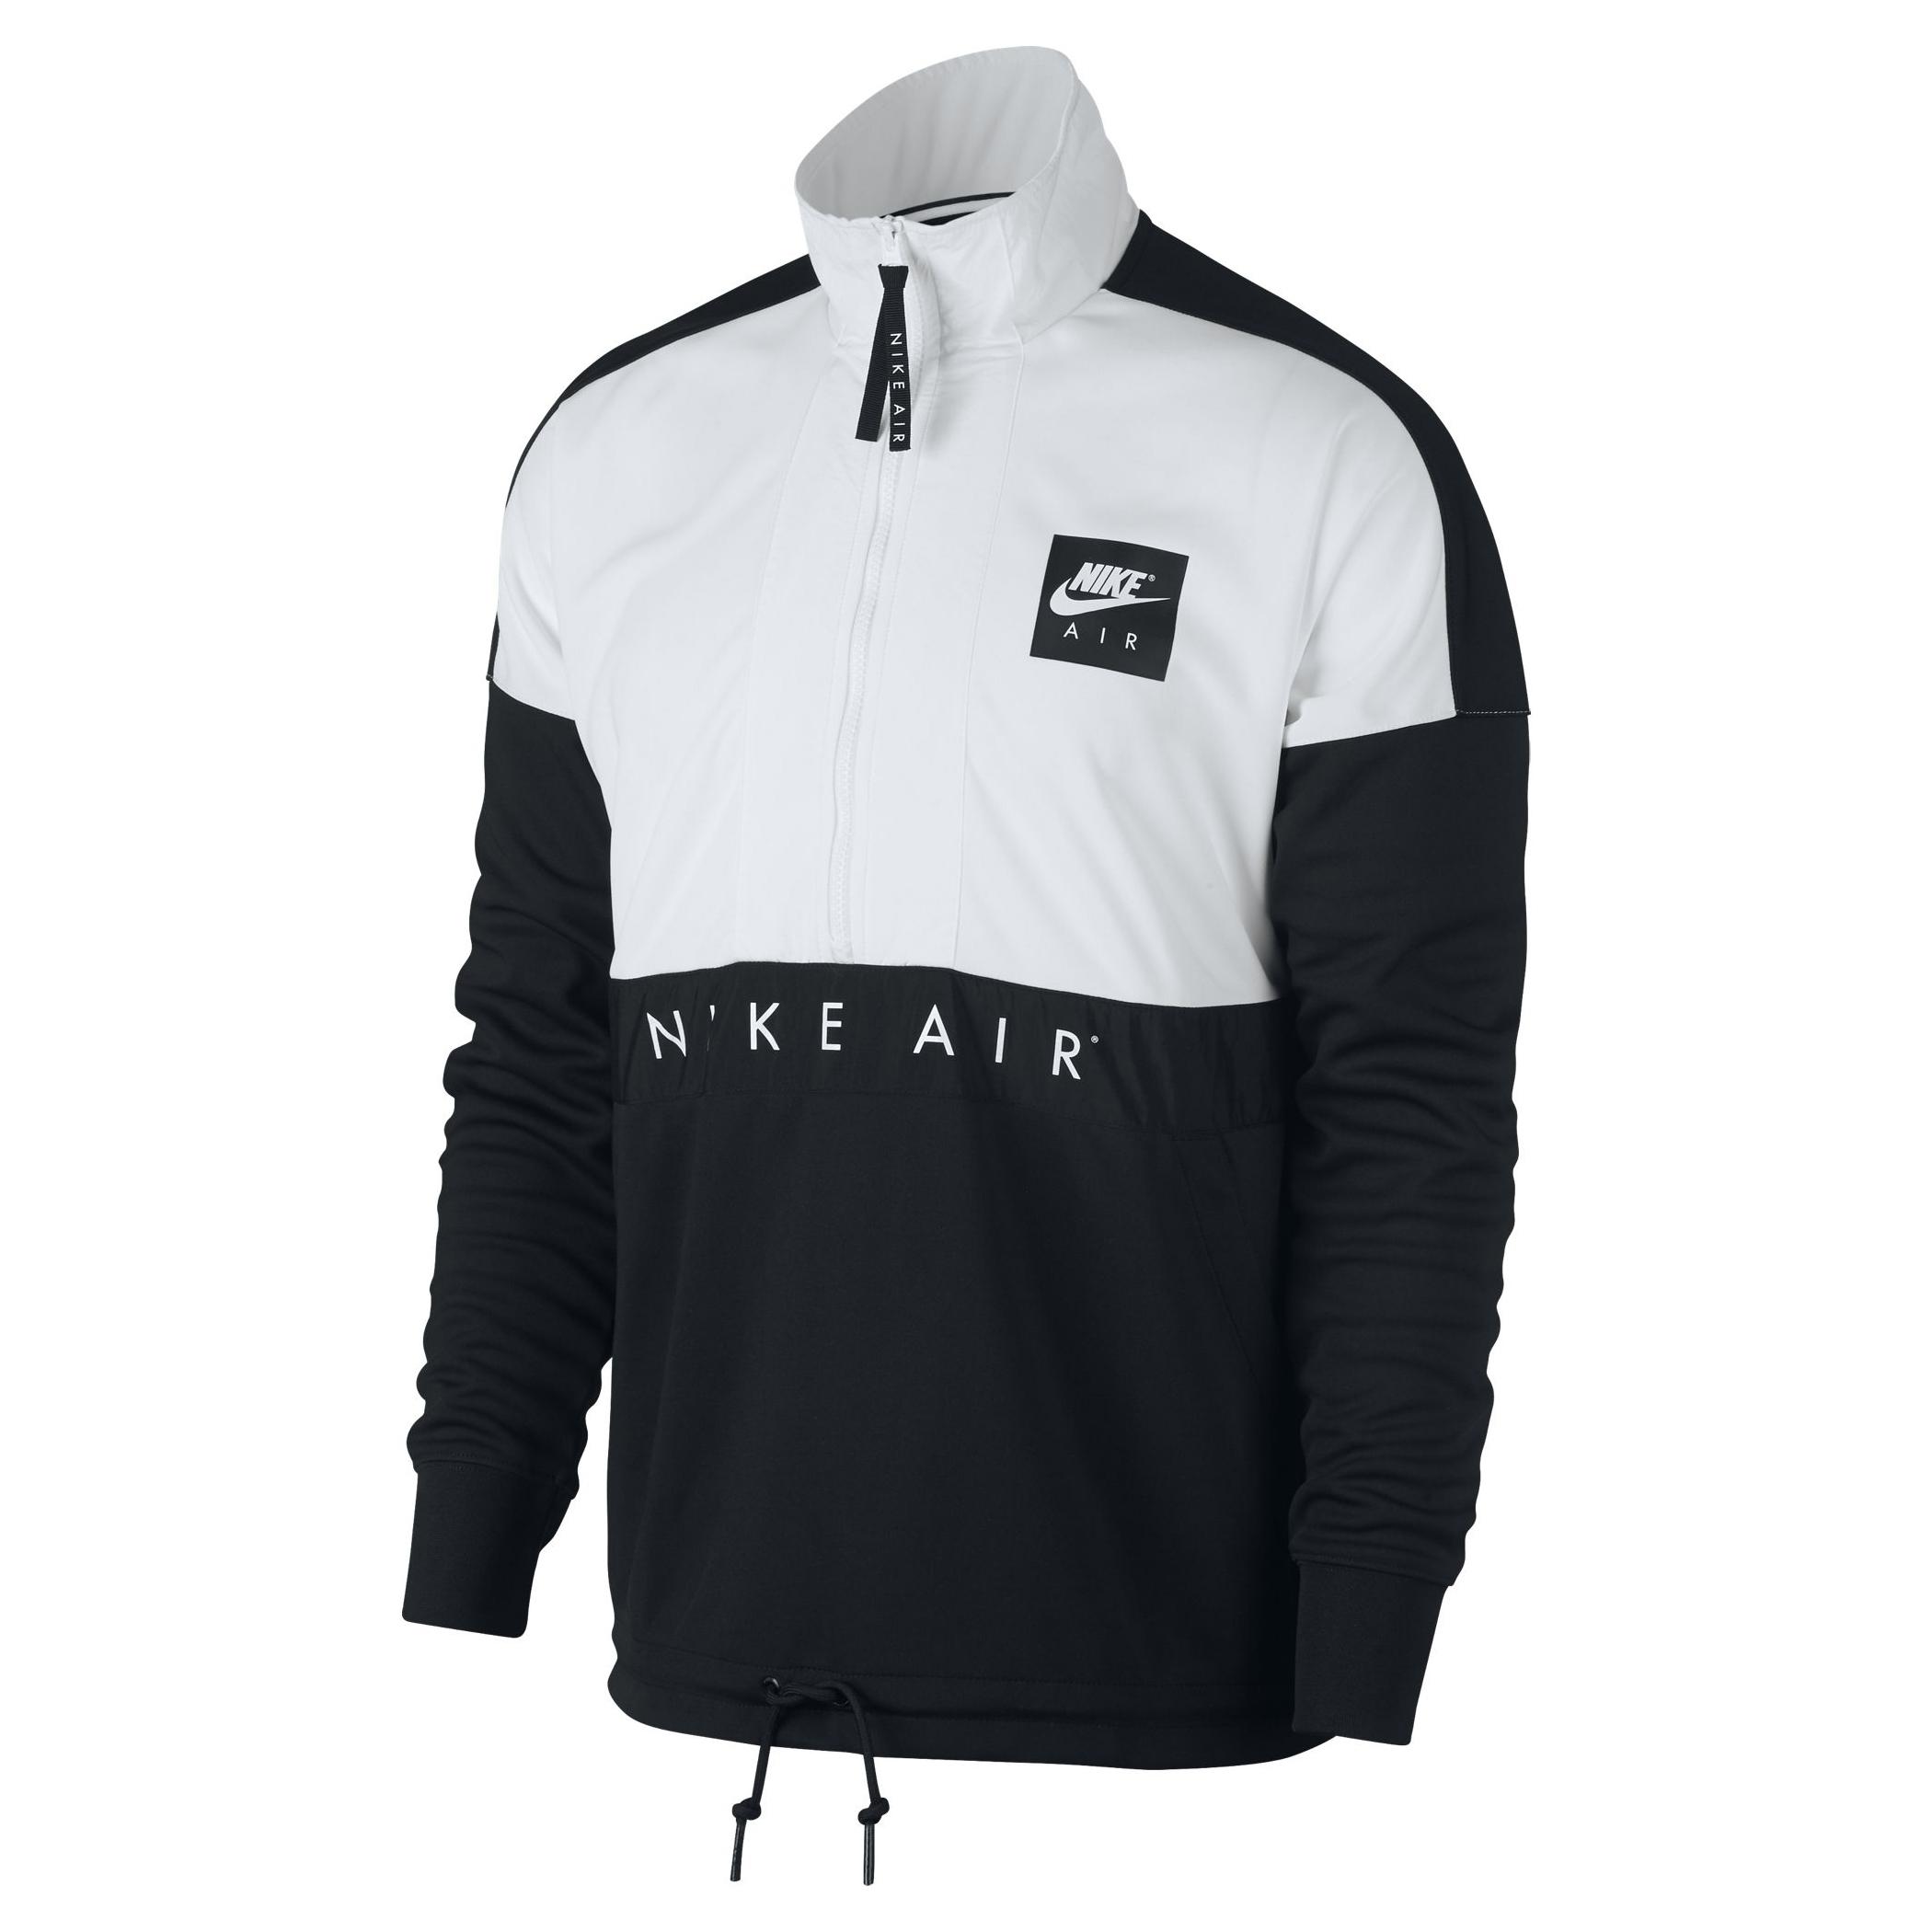 b9c6dfbe Толстовки от Nike (918324-100) - продажа, цена, фото, описание